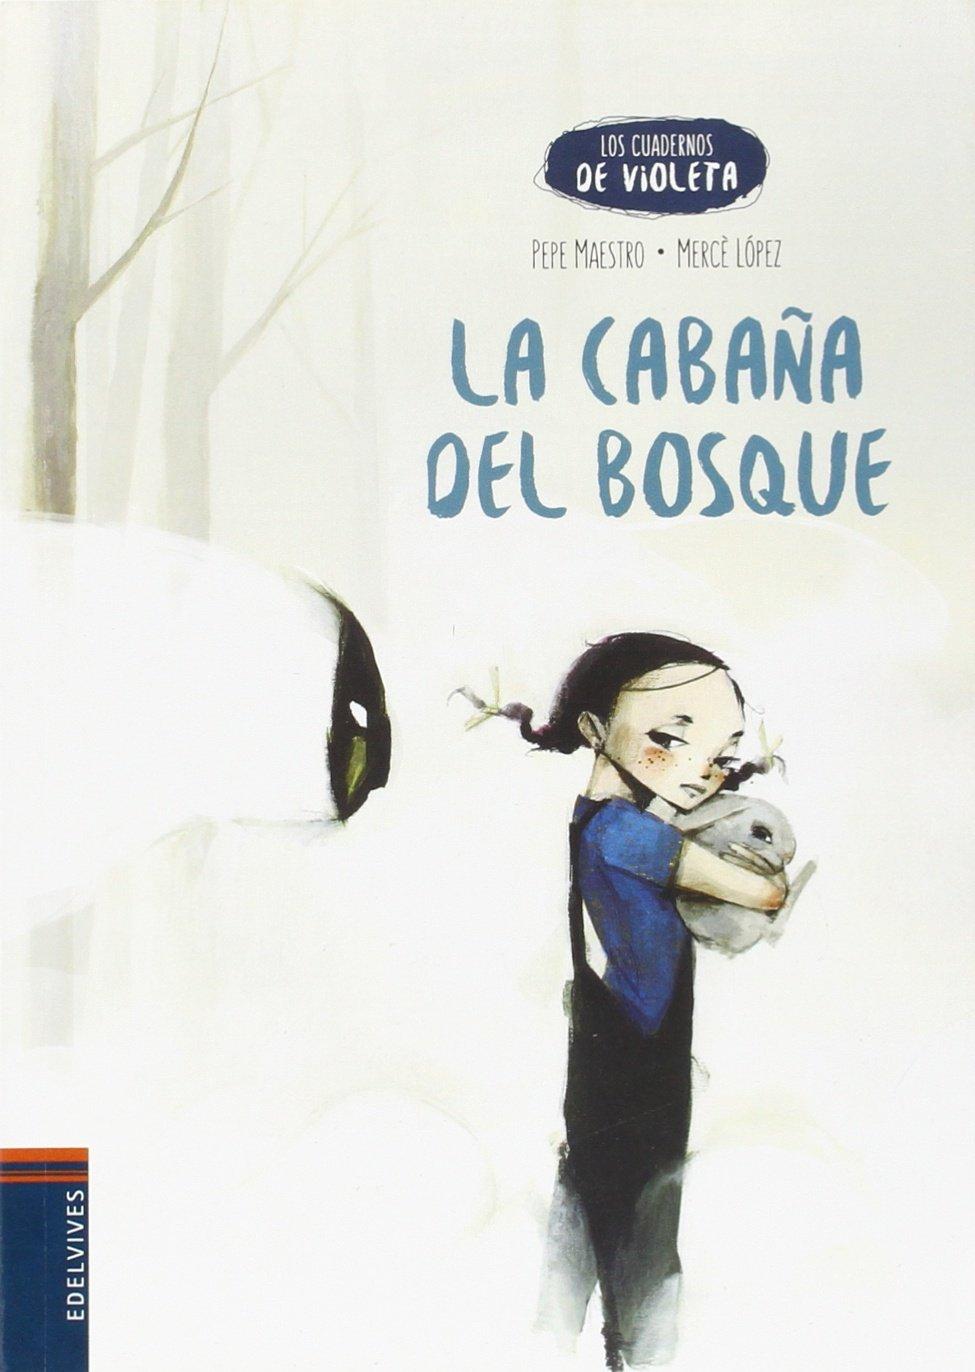 Download La cabaña del bosque (Spanish Edition) (Los Cuadernos De Violeta) ebook